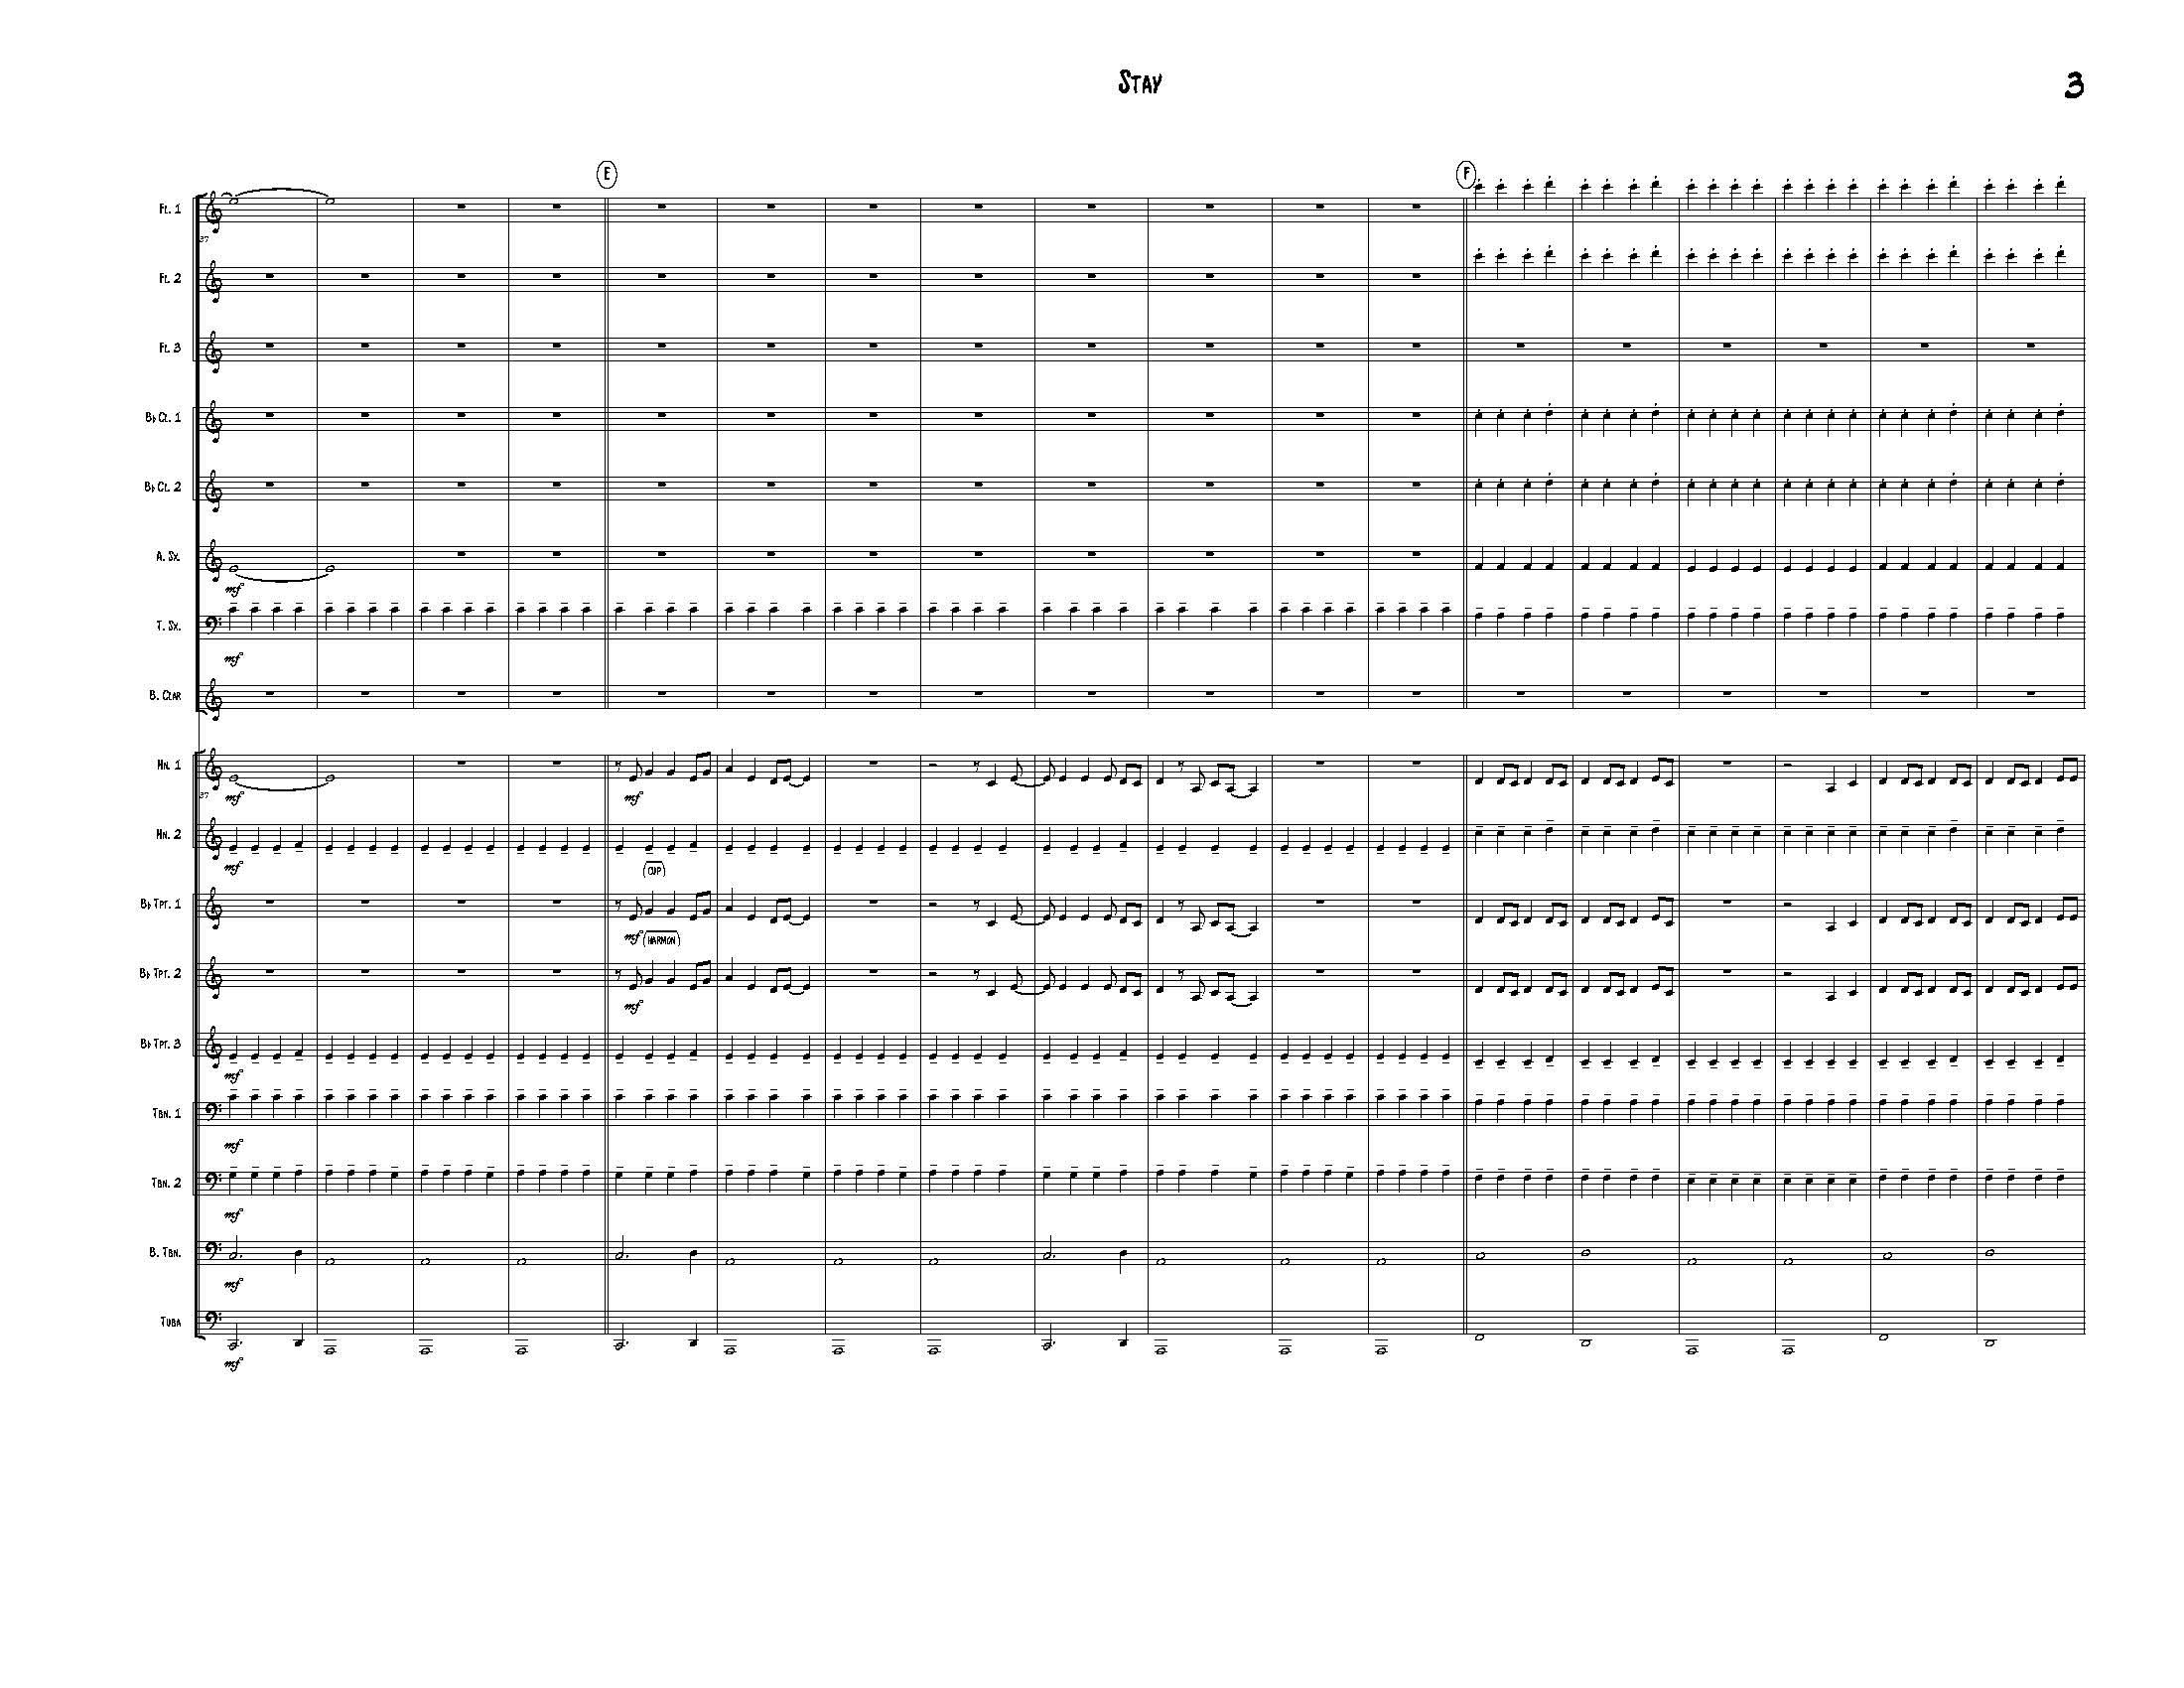 Stay BKLYN 1834 Score_Page_3.jpg